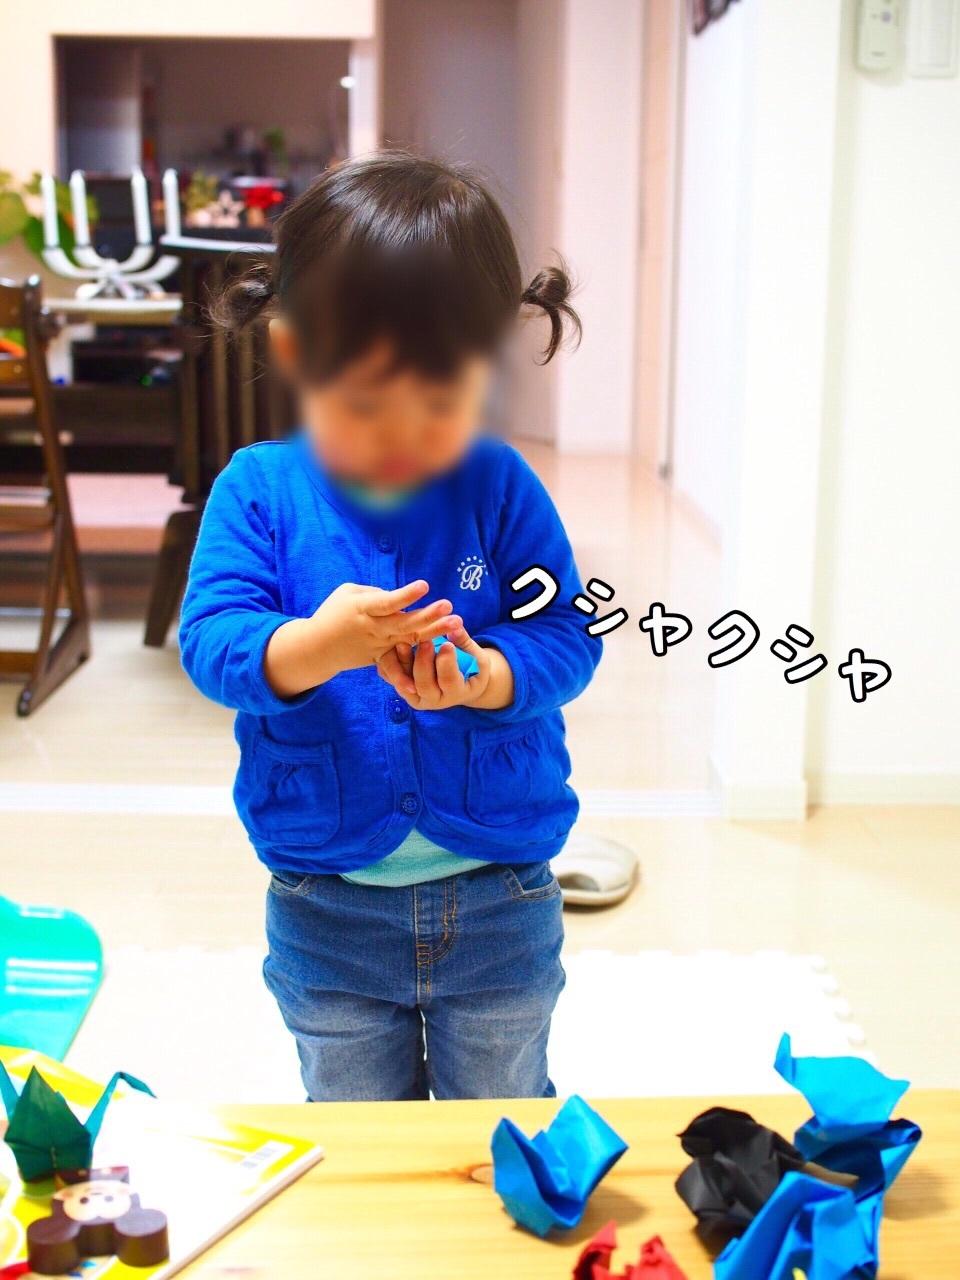 b0338982_14081367.jpg